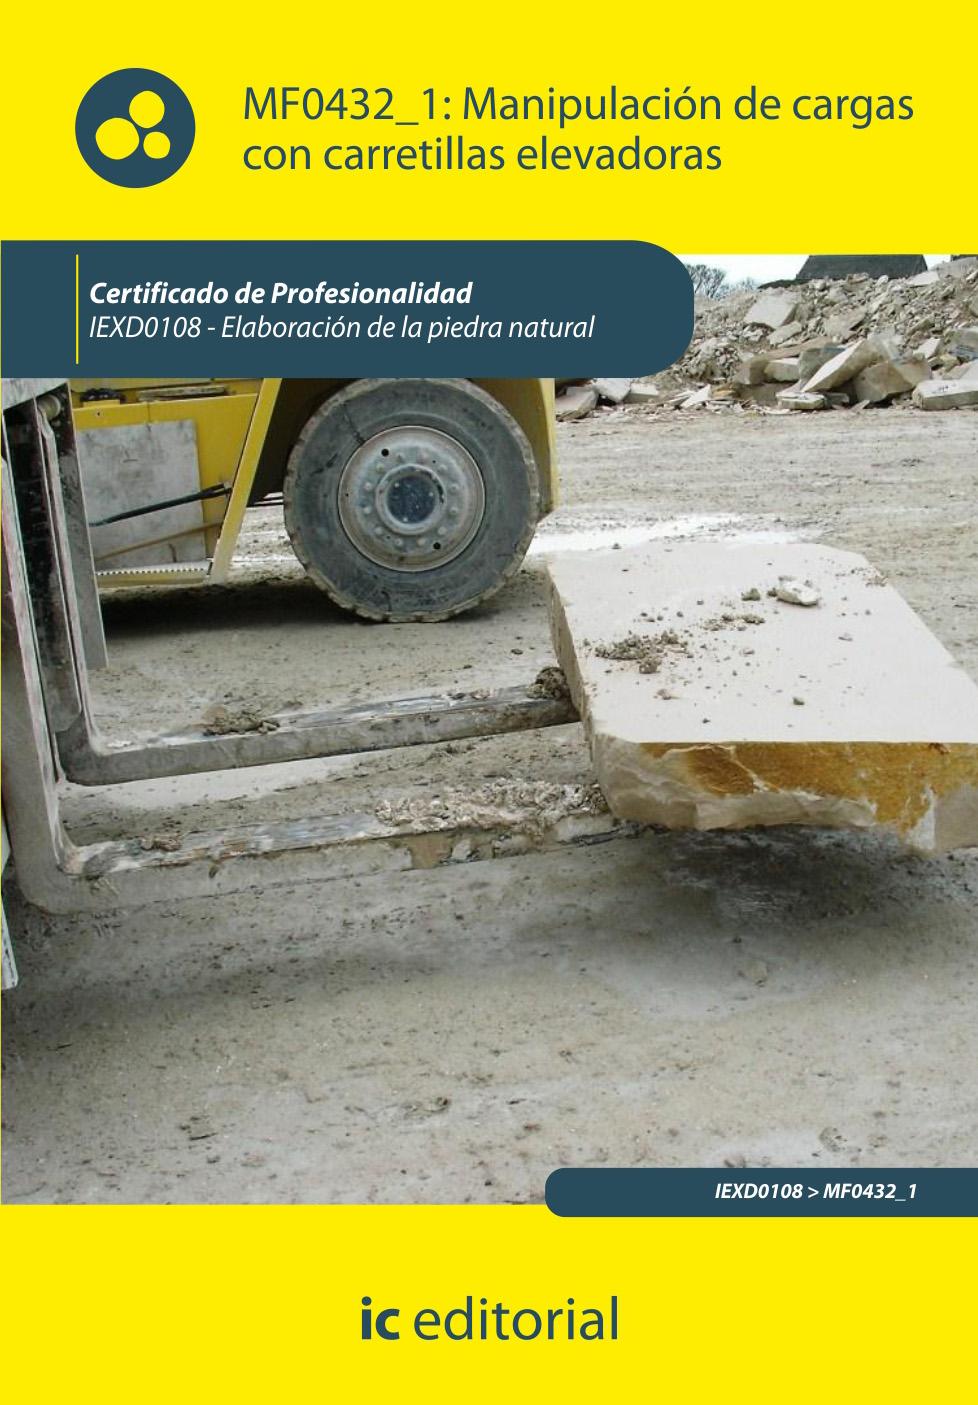 MF0432_1 manipulación de cargas con carretillas elevadoras. iexd0108 - elaboración de la piedra natural